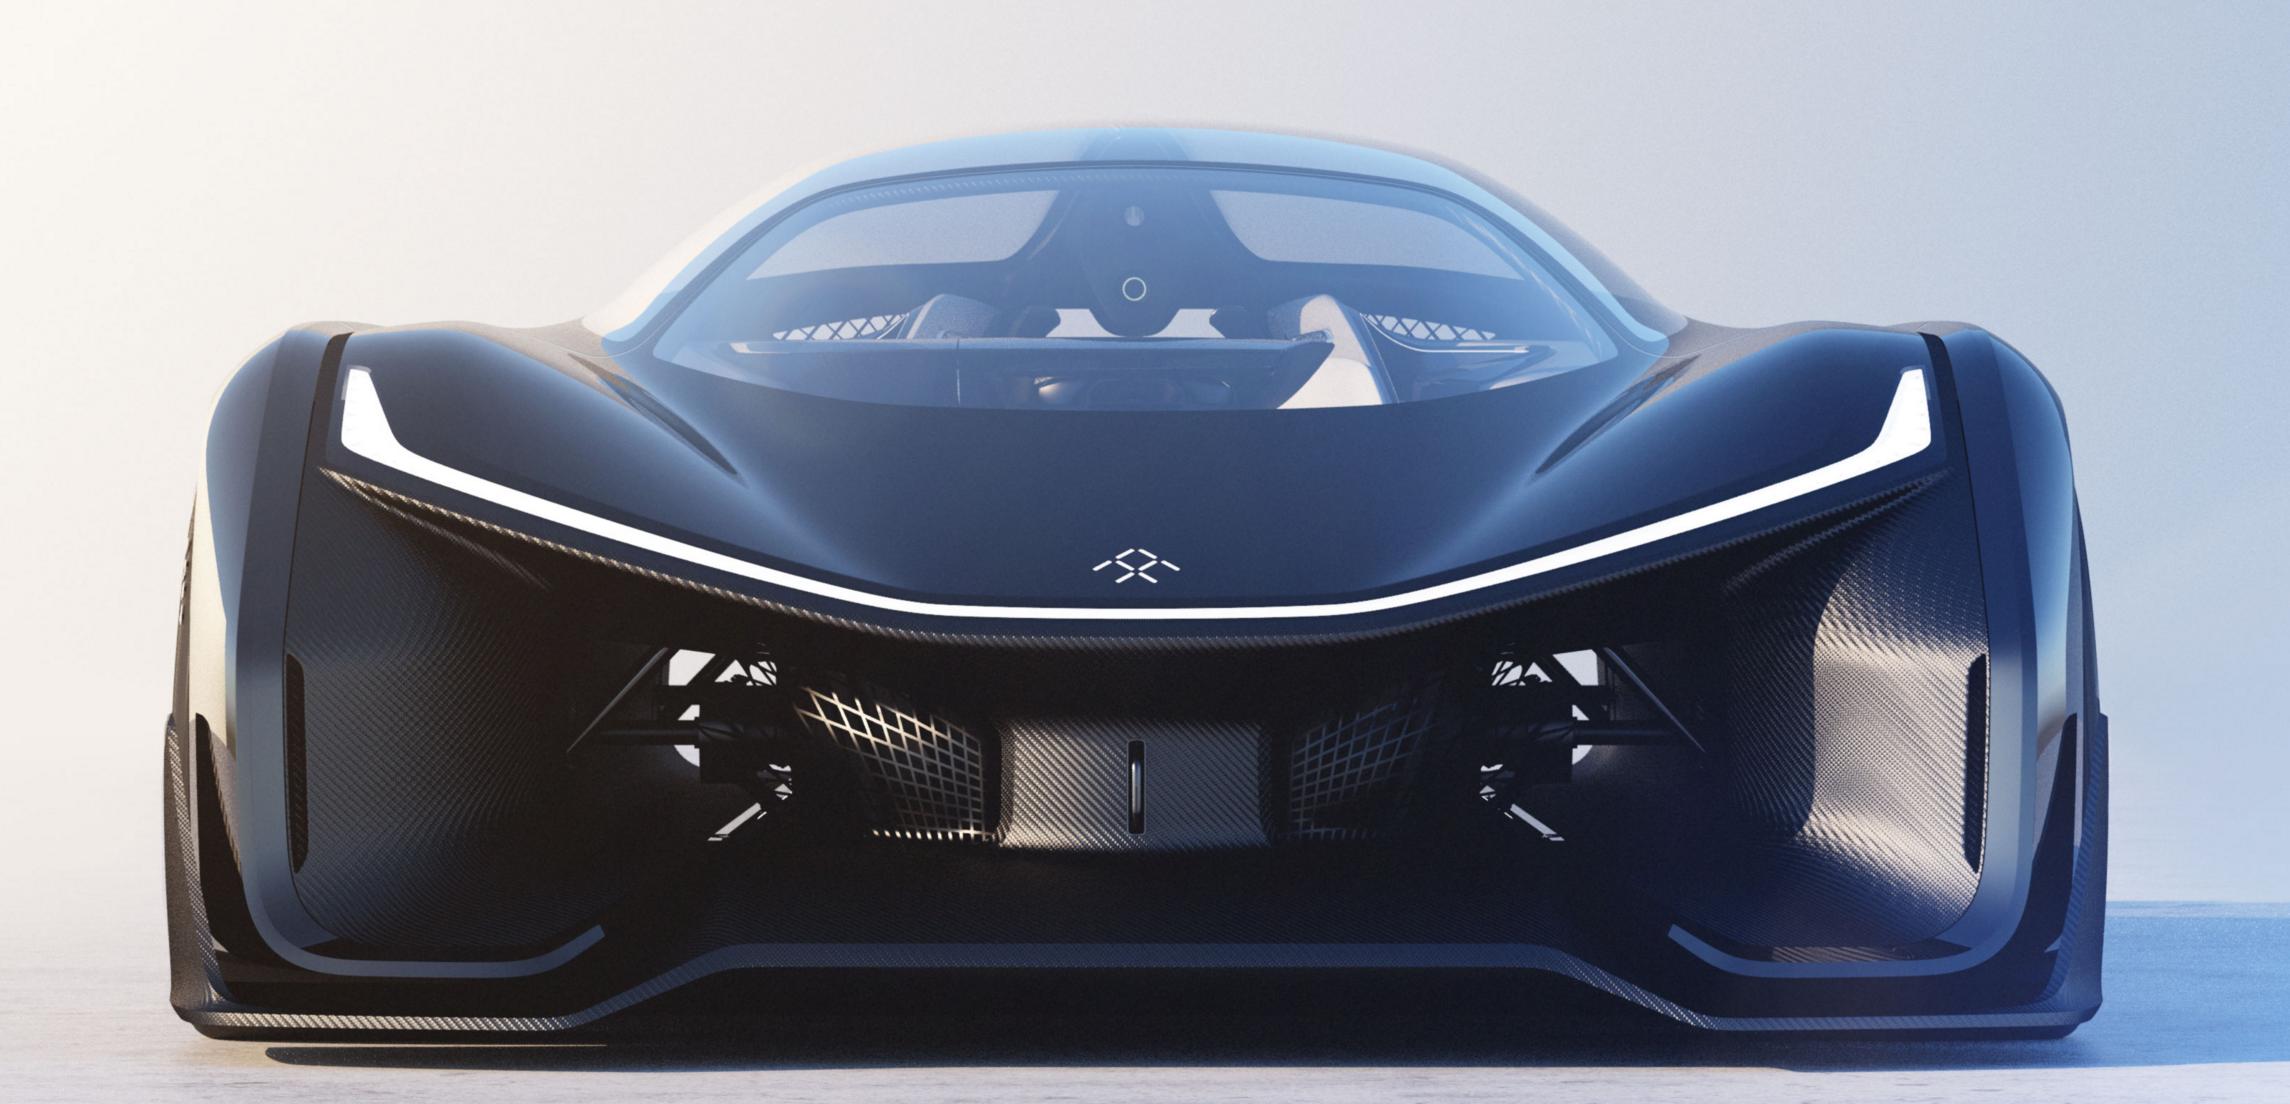 Faraday_FFZero1_Electric_Concept_Car2